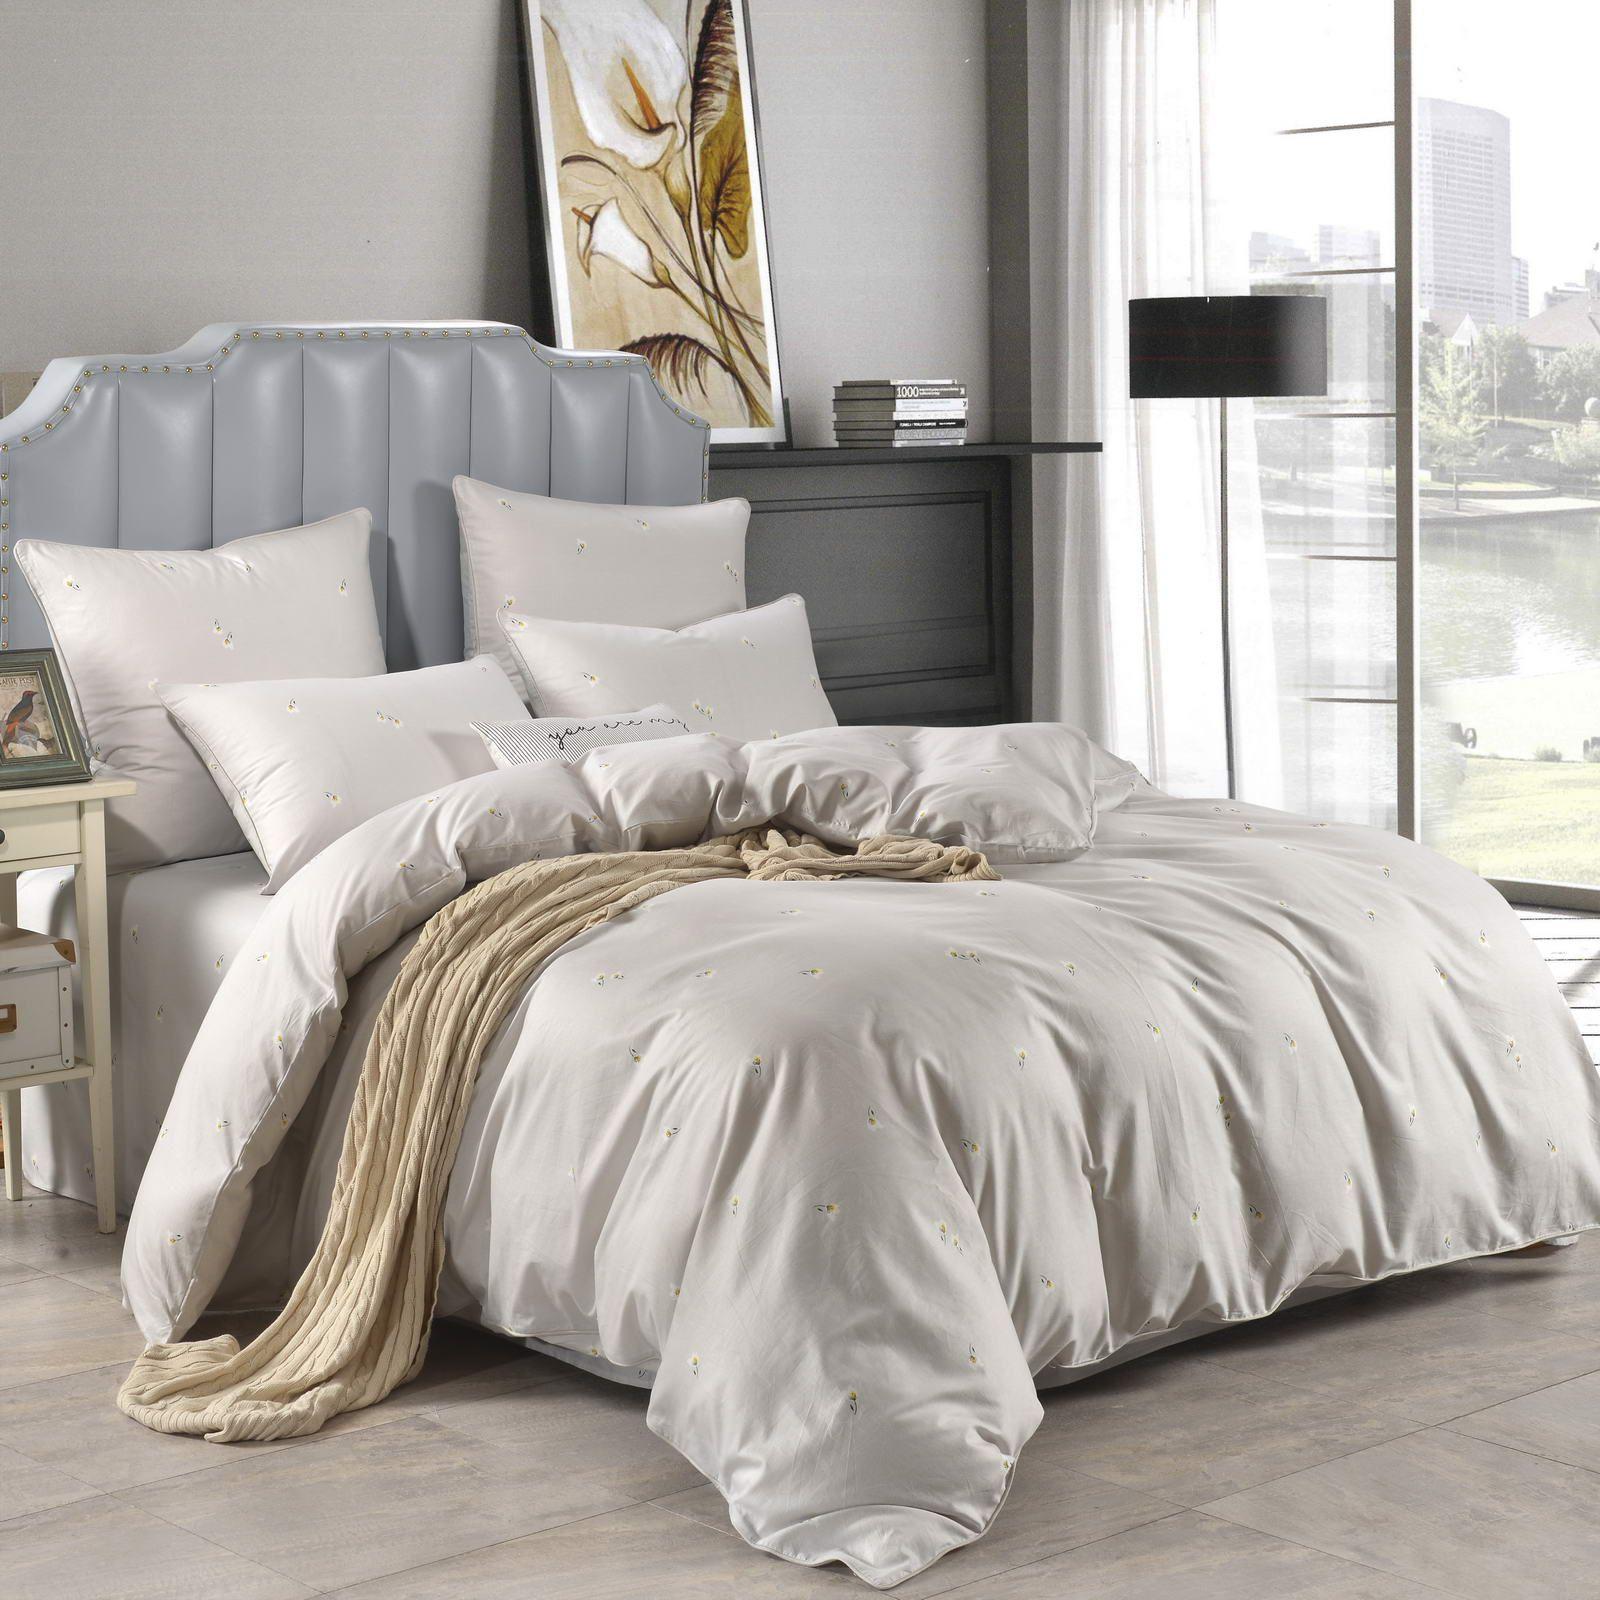 Комплект постельного белья Sofi De Marko Кира Двуспальный евро (ЕВРО-5371) недорого